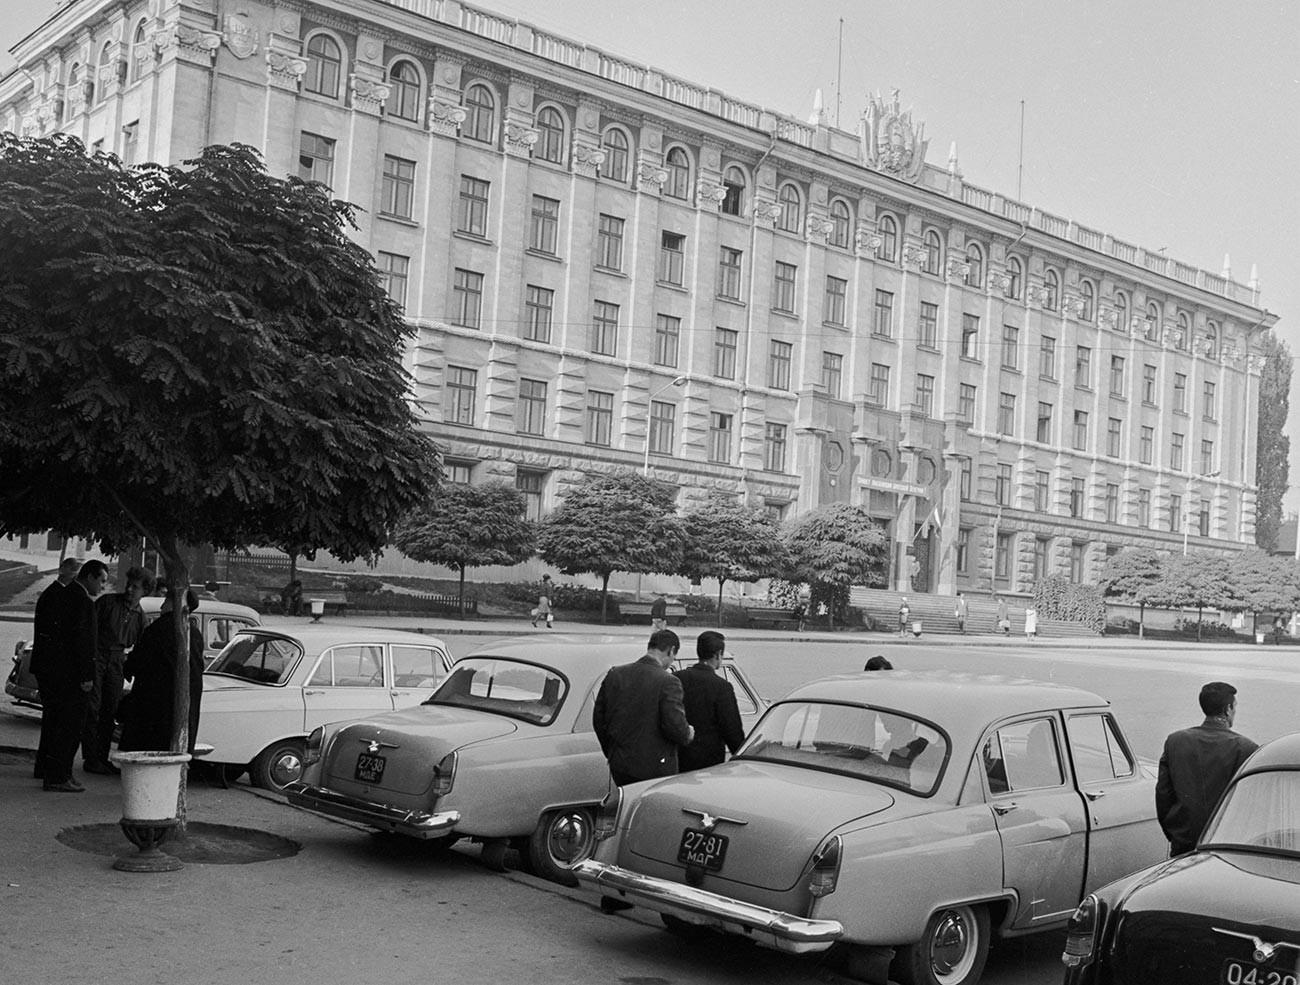 Academia de Ciencias de la República Socialista Soviética de Moldavia en Chisinau, 1966.